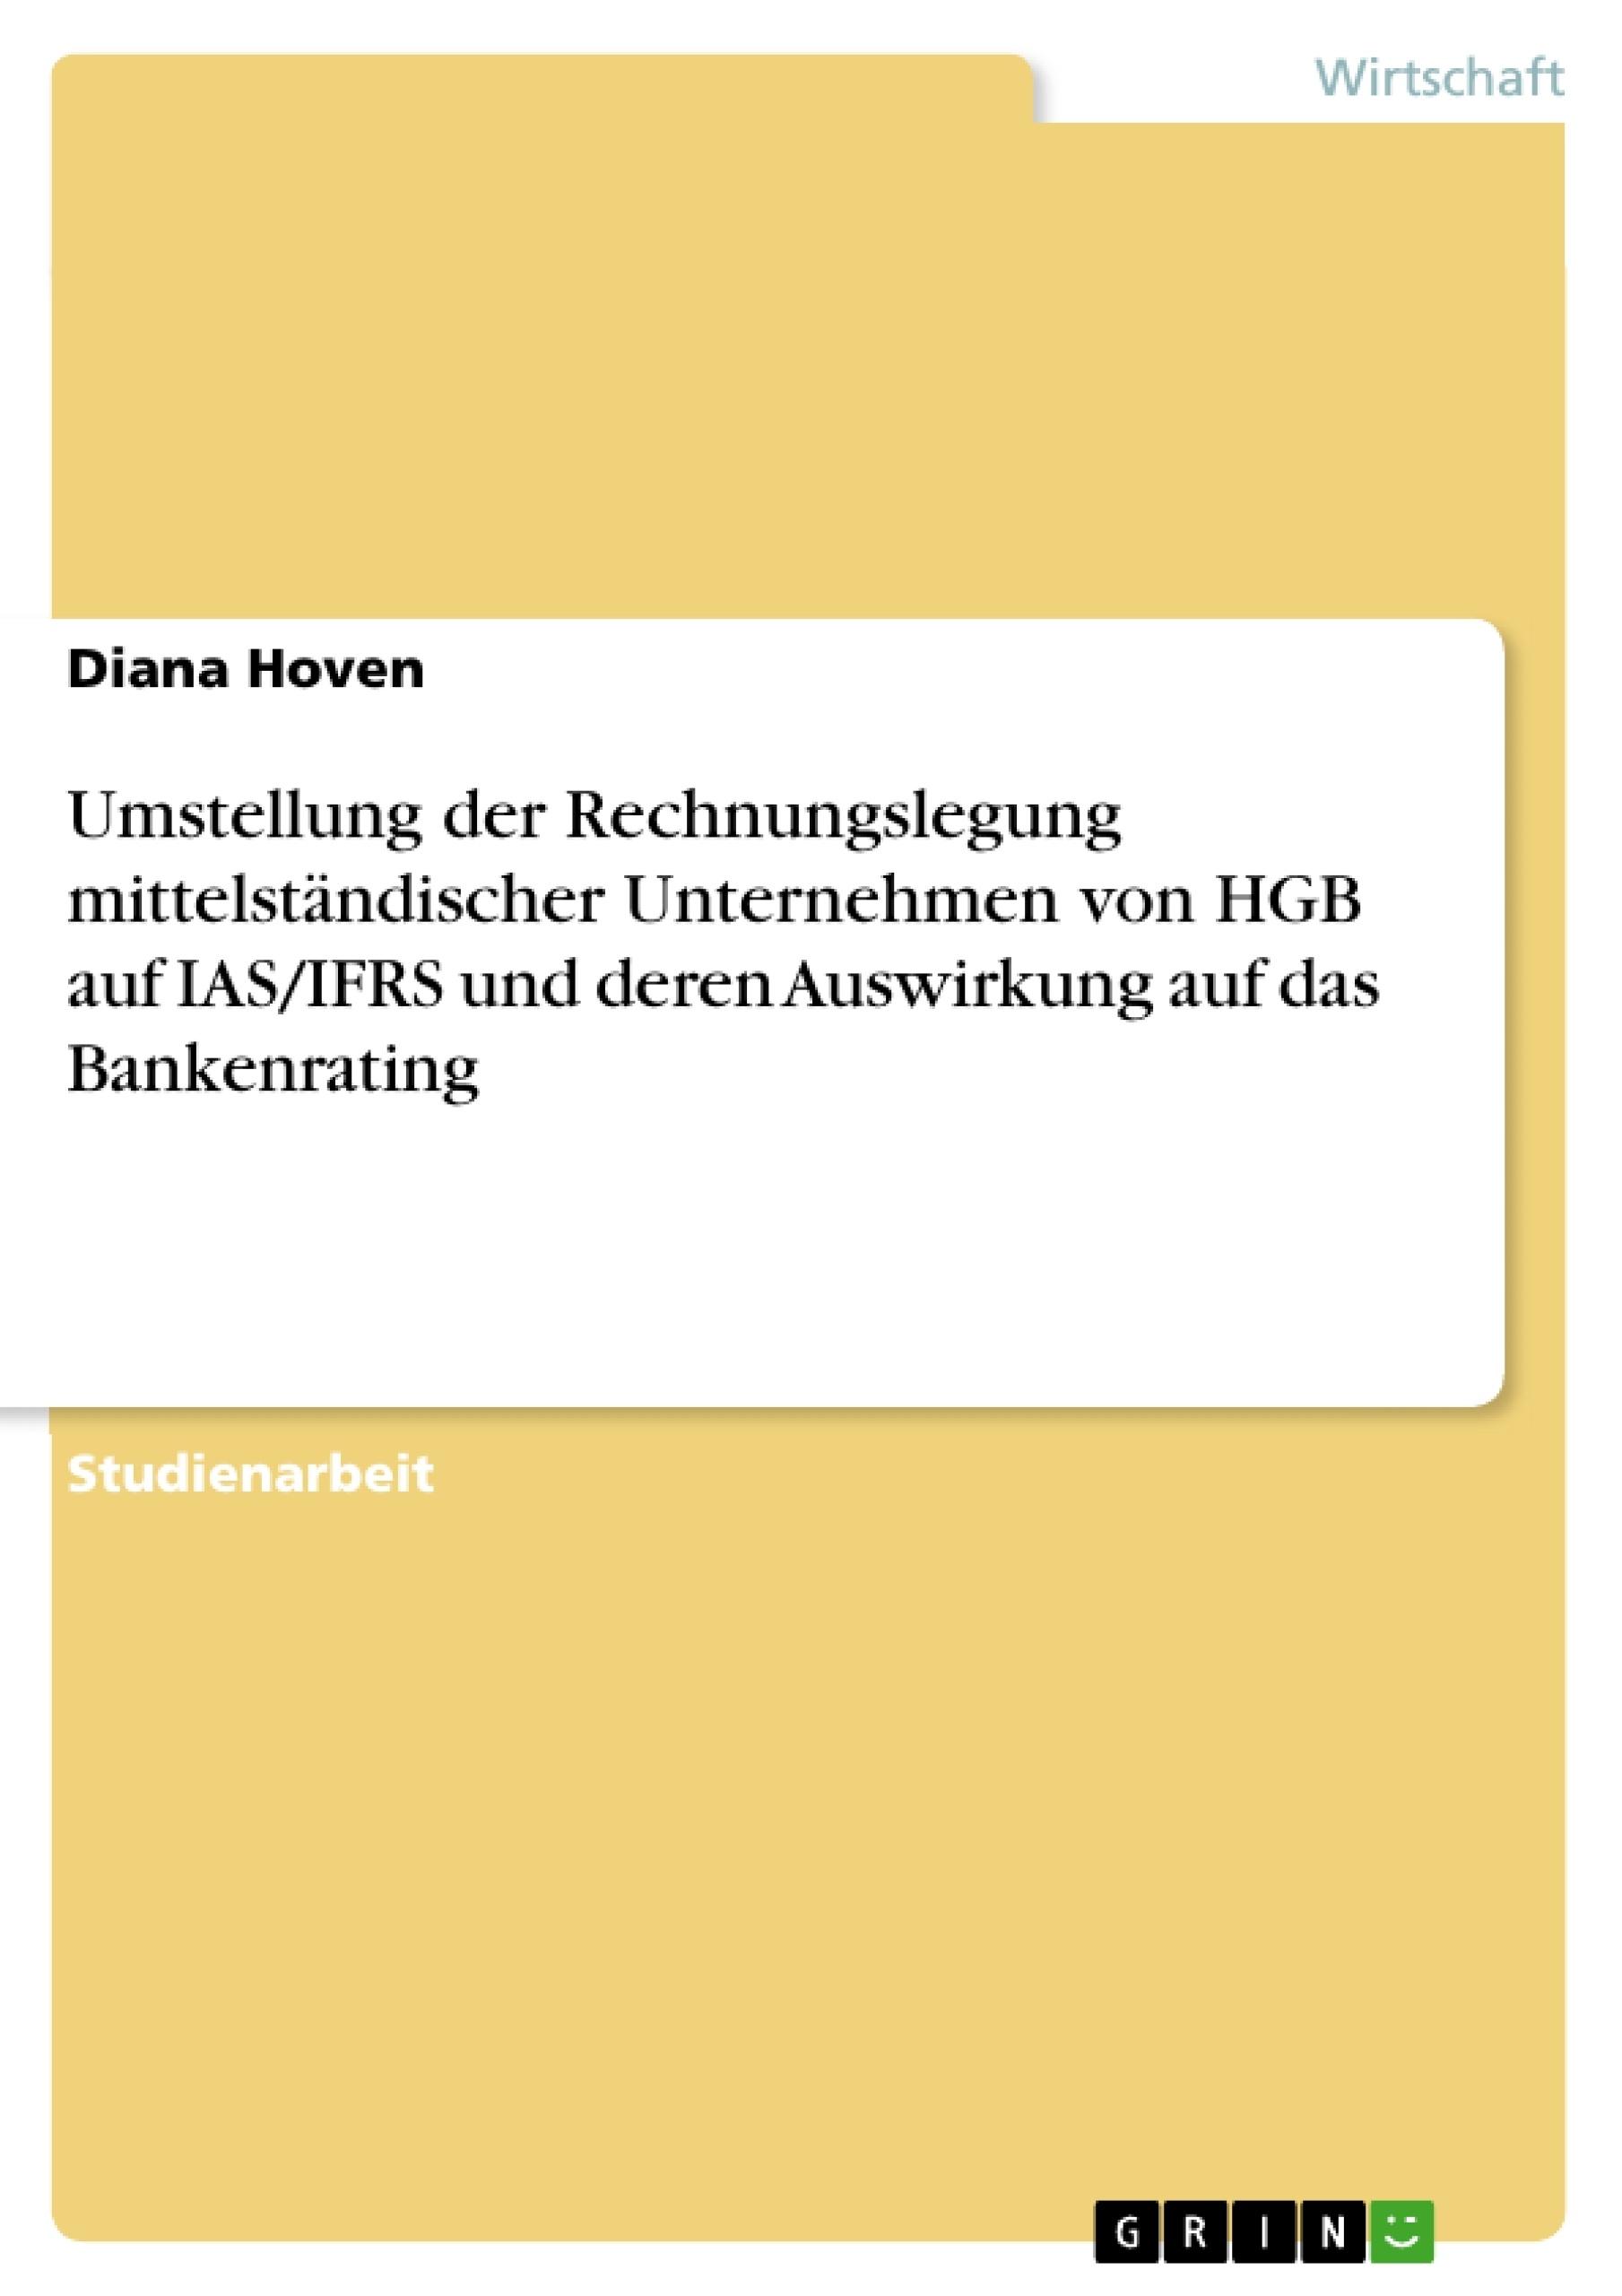 Titel: Umstellung der Rechnungslegung mittelständischer Unternehmen von HGB auf IAS/IFRS und deren Auswirkung auf das Bankenrating